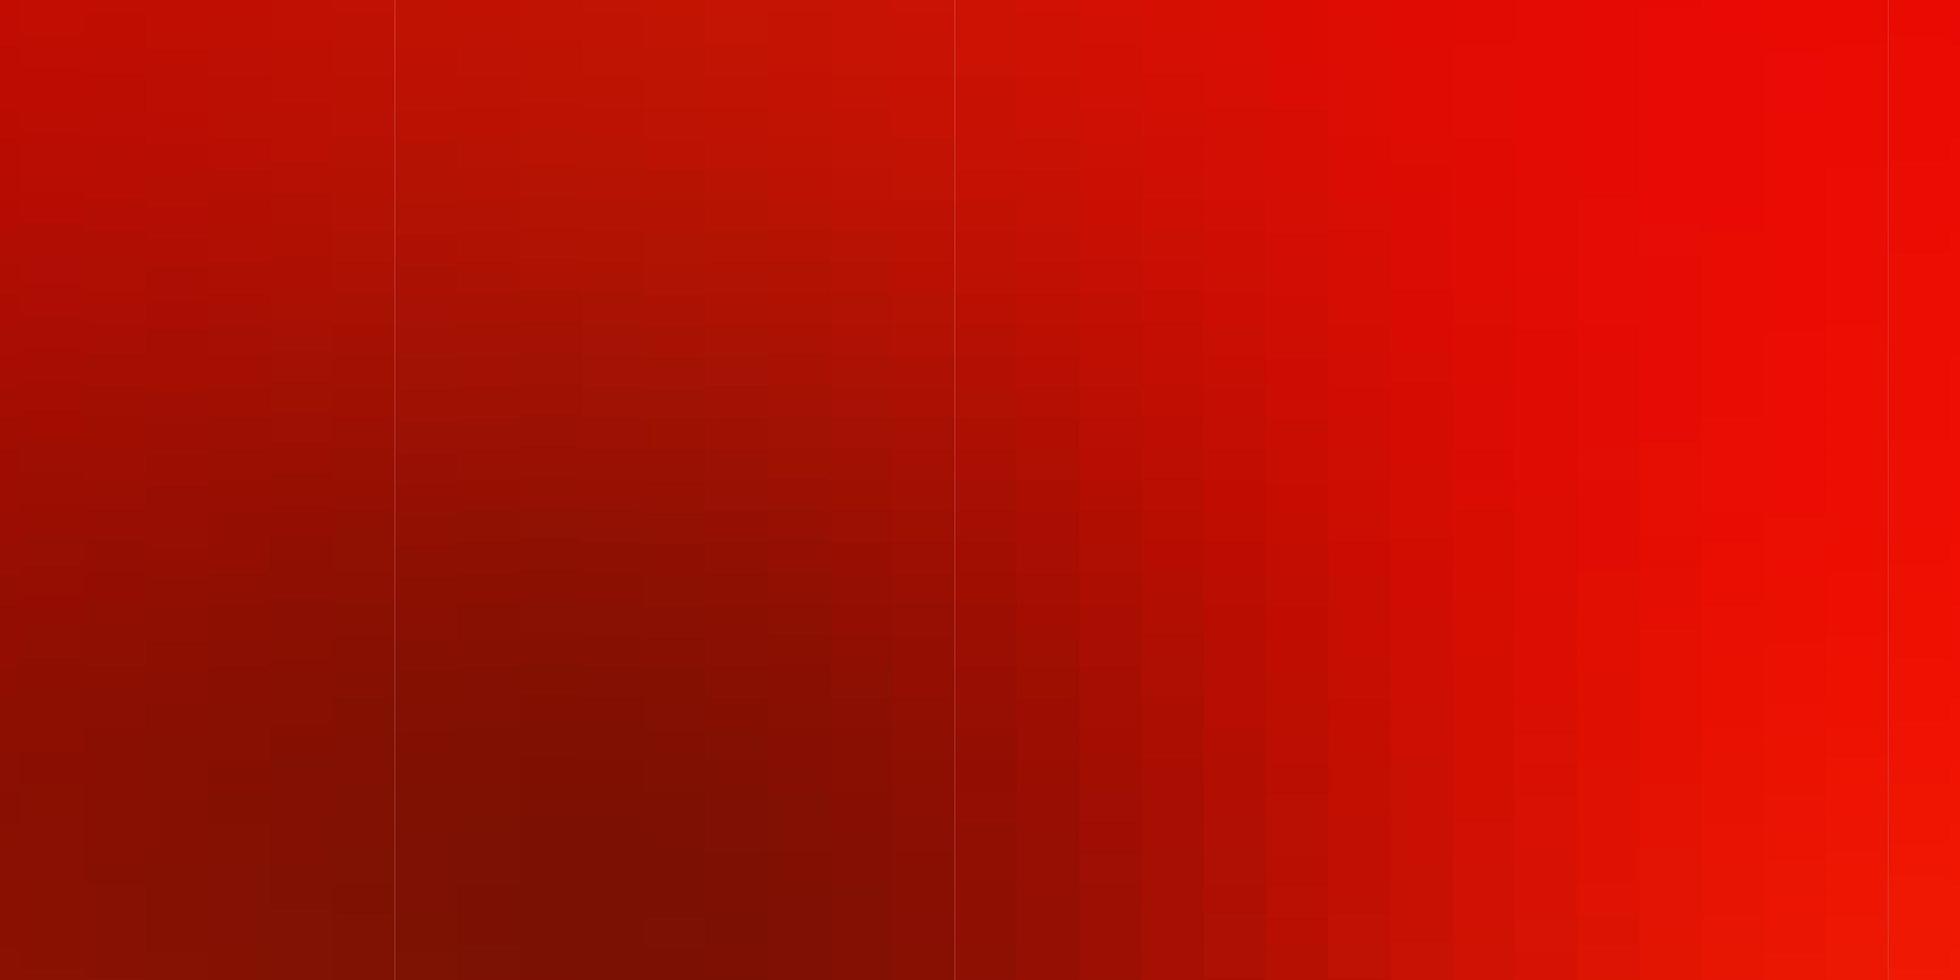 telón de fondo de vector rojo claro con rectángulos.